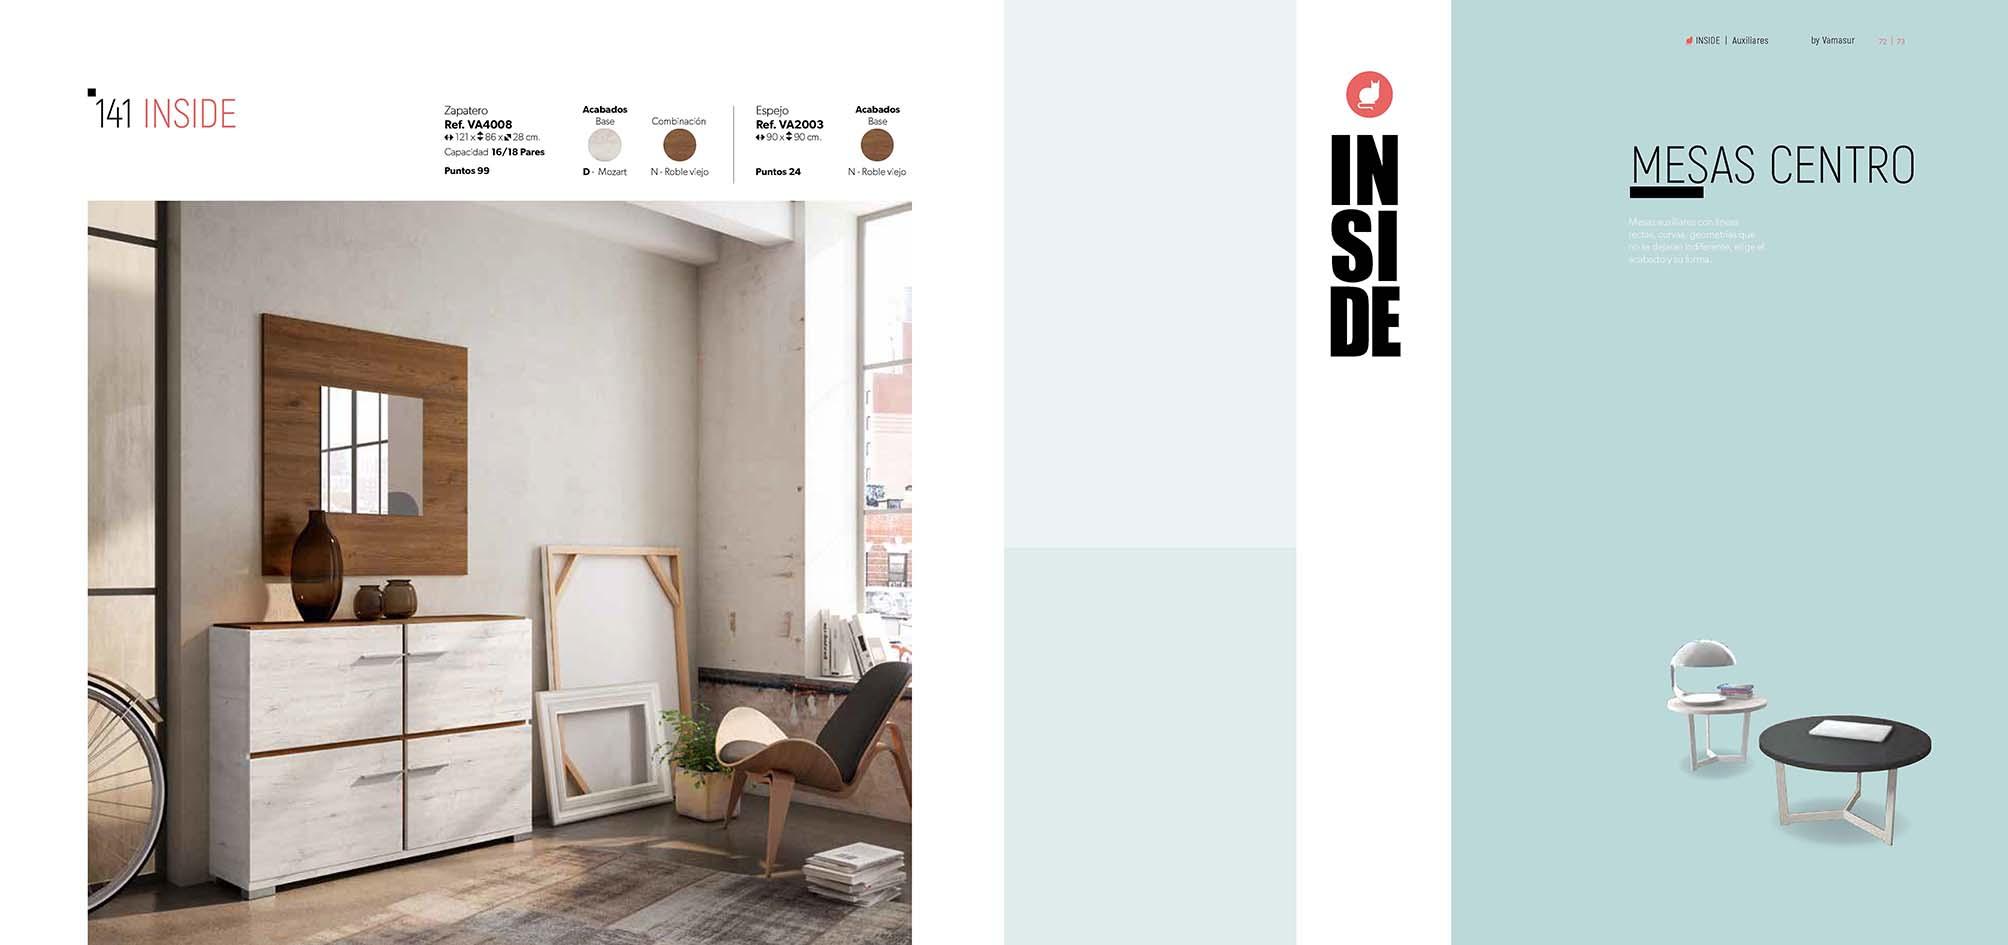 INSIDE_Baja_Página_37